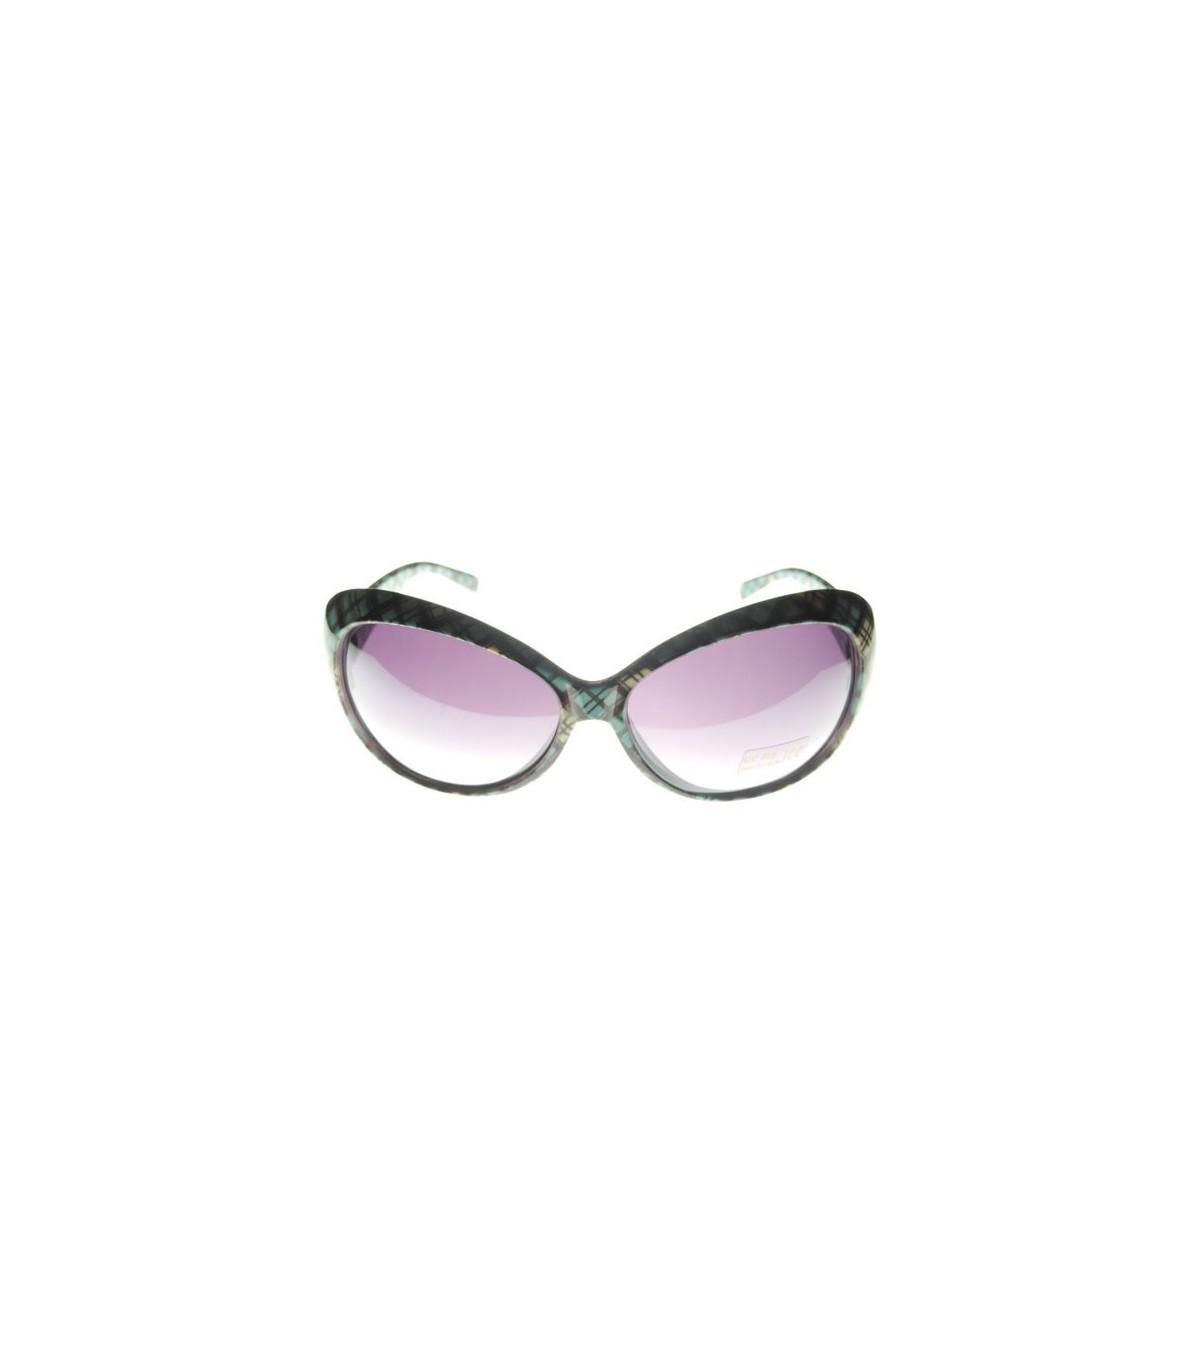 d0658b0c7b Green squares fashion frames sunglasses